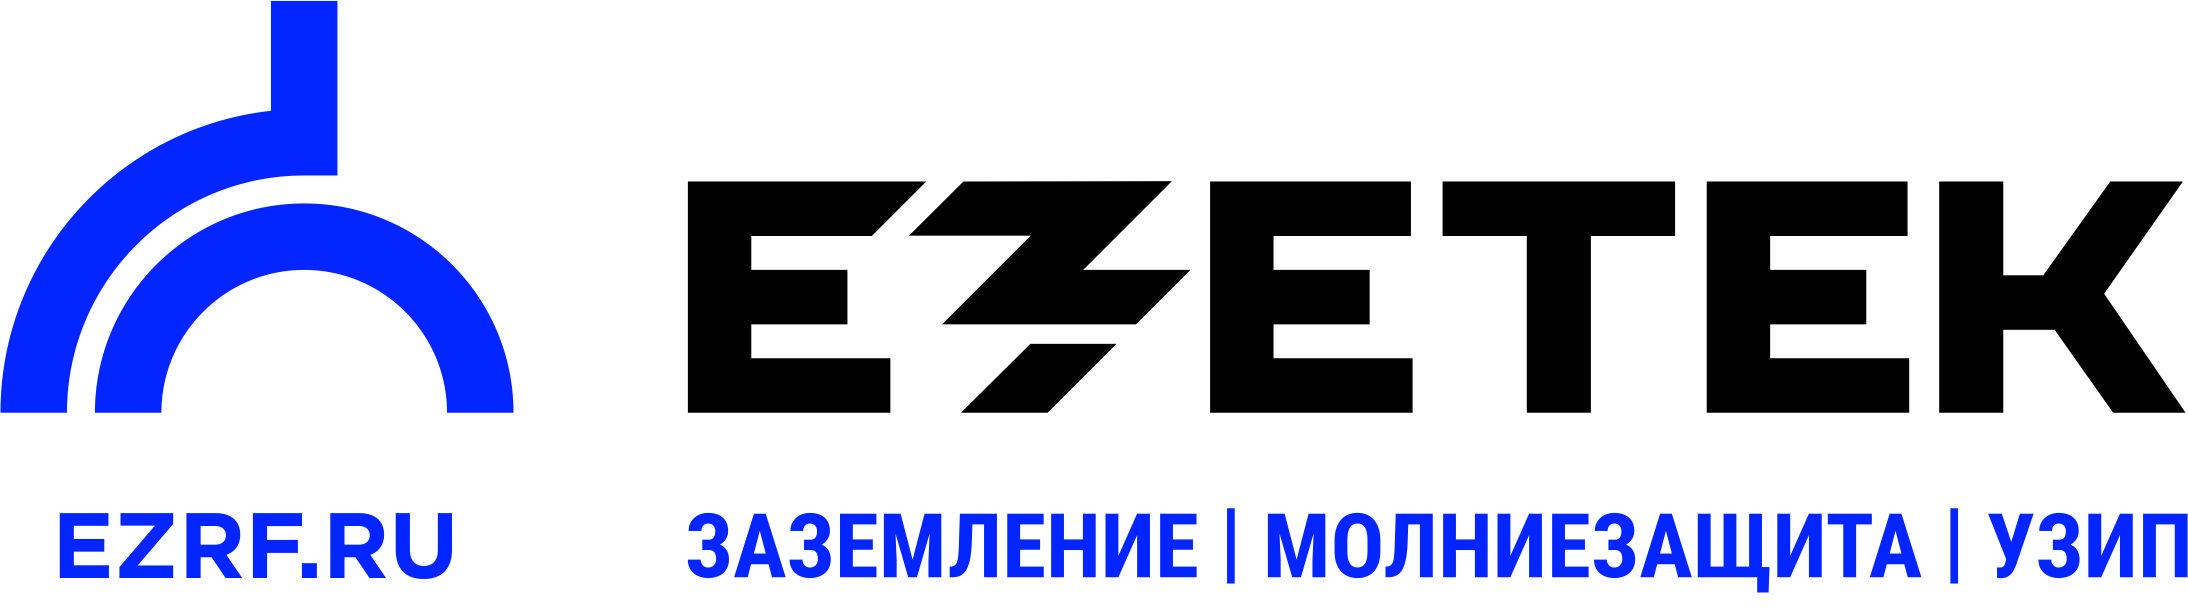 Официальный Спонсор турнира.jpg